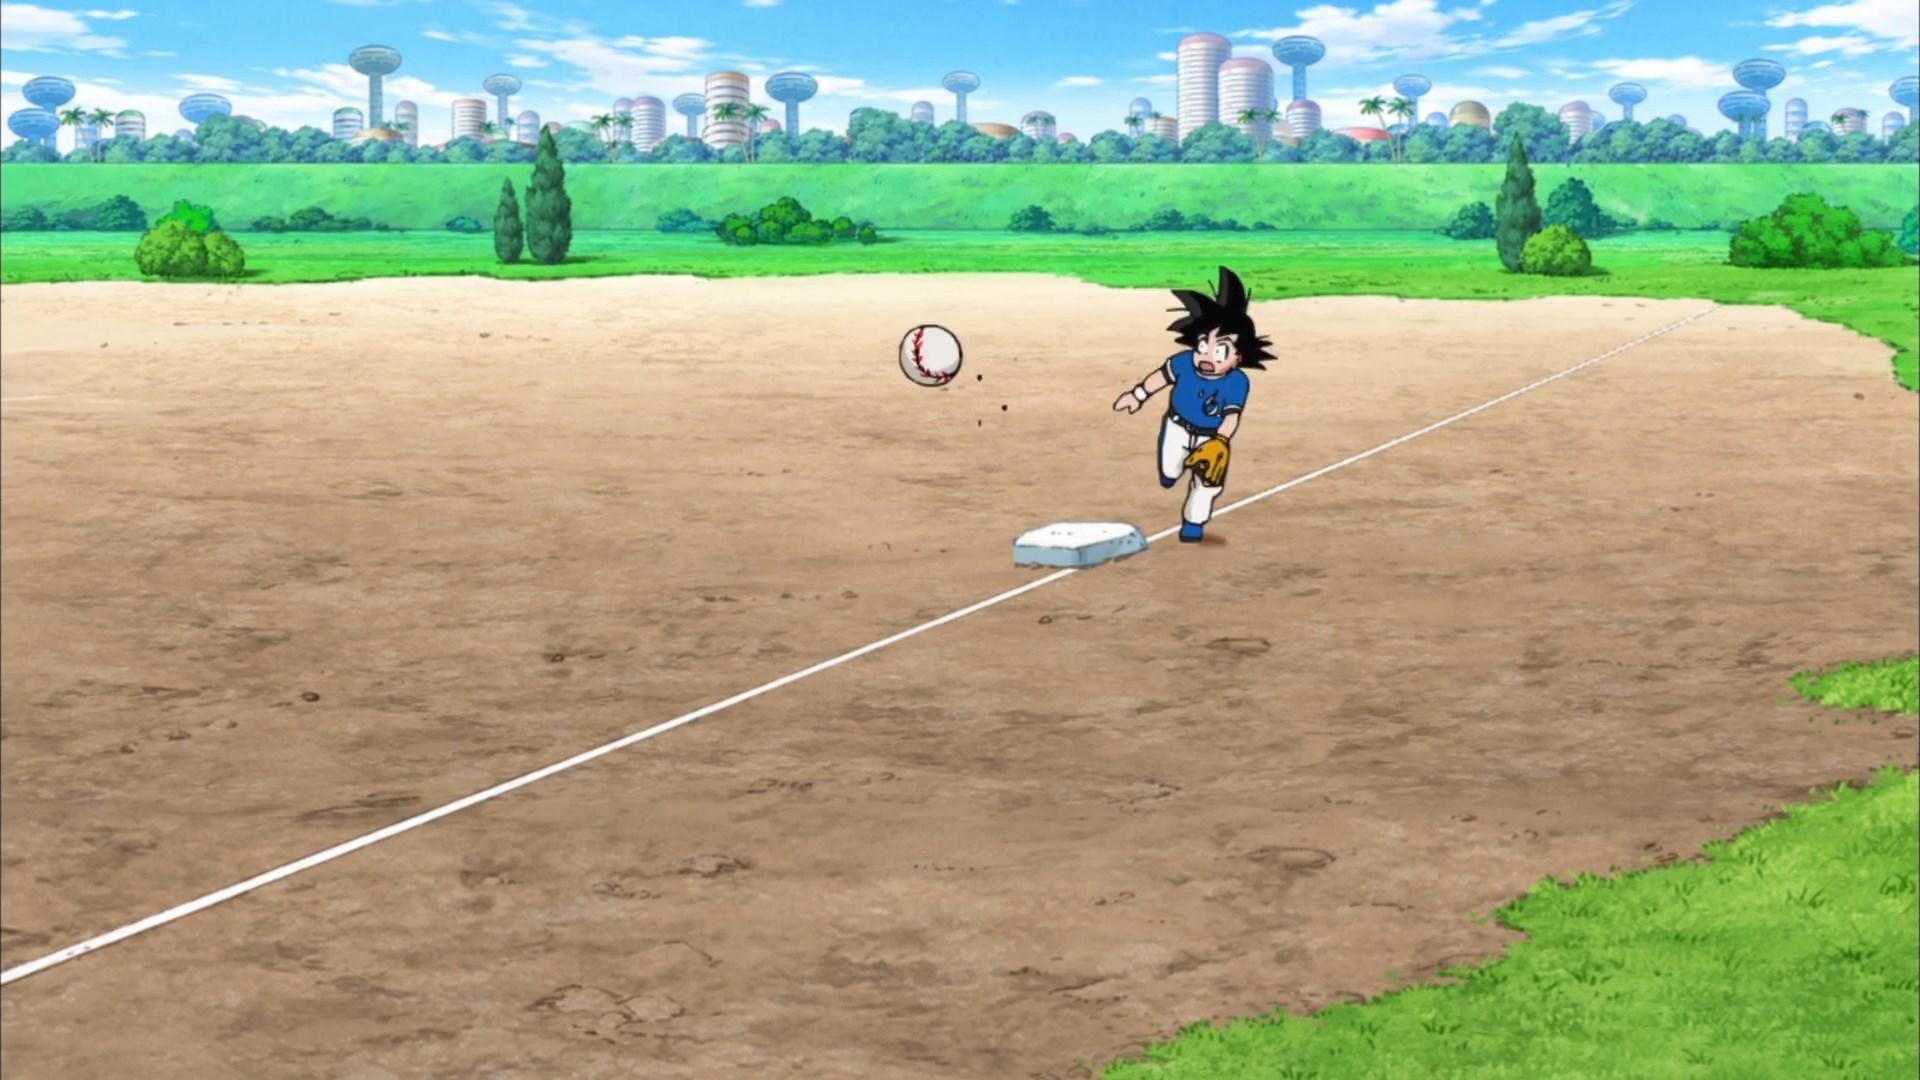 [DS] Dragon Ball Super 070 [1080p].mkv_snapshot_16.23_[2016.12.11_03.53.03]